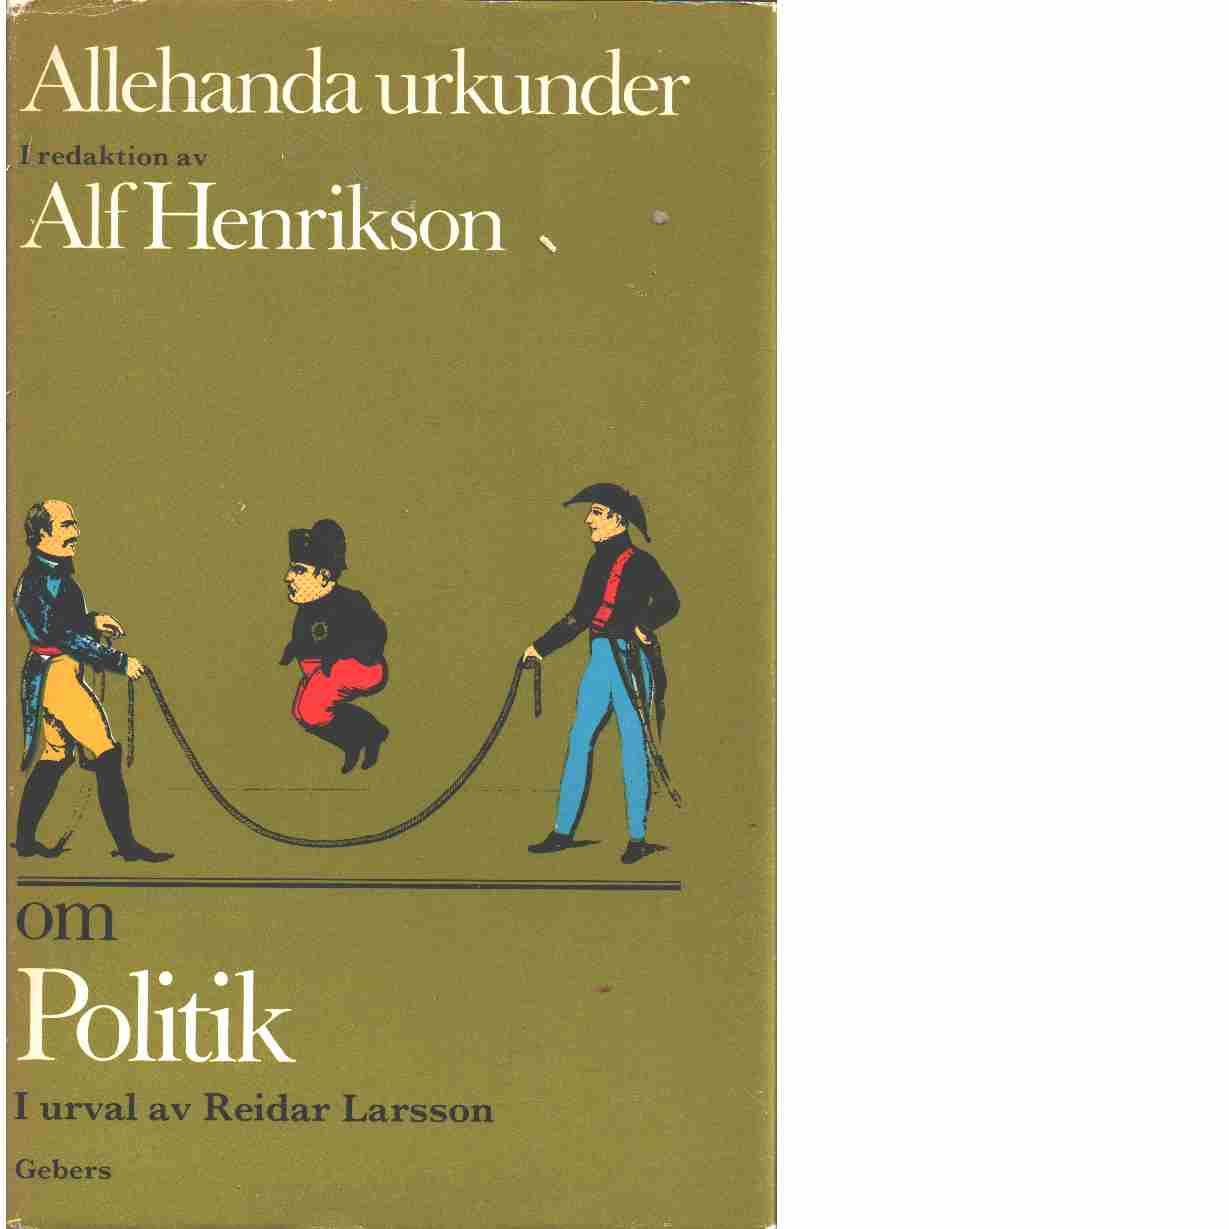 Allehanda urkunder Om politik  - Red. Larsson, Reidar